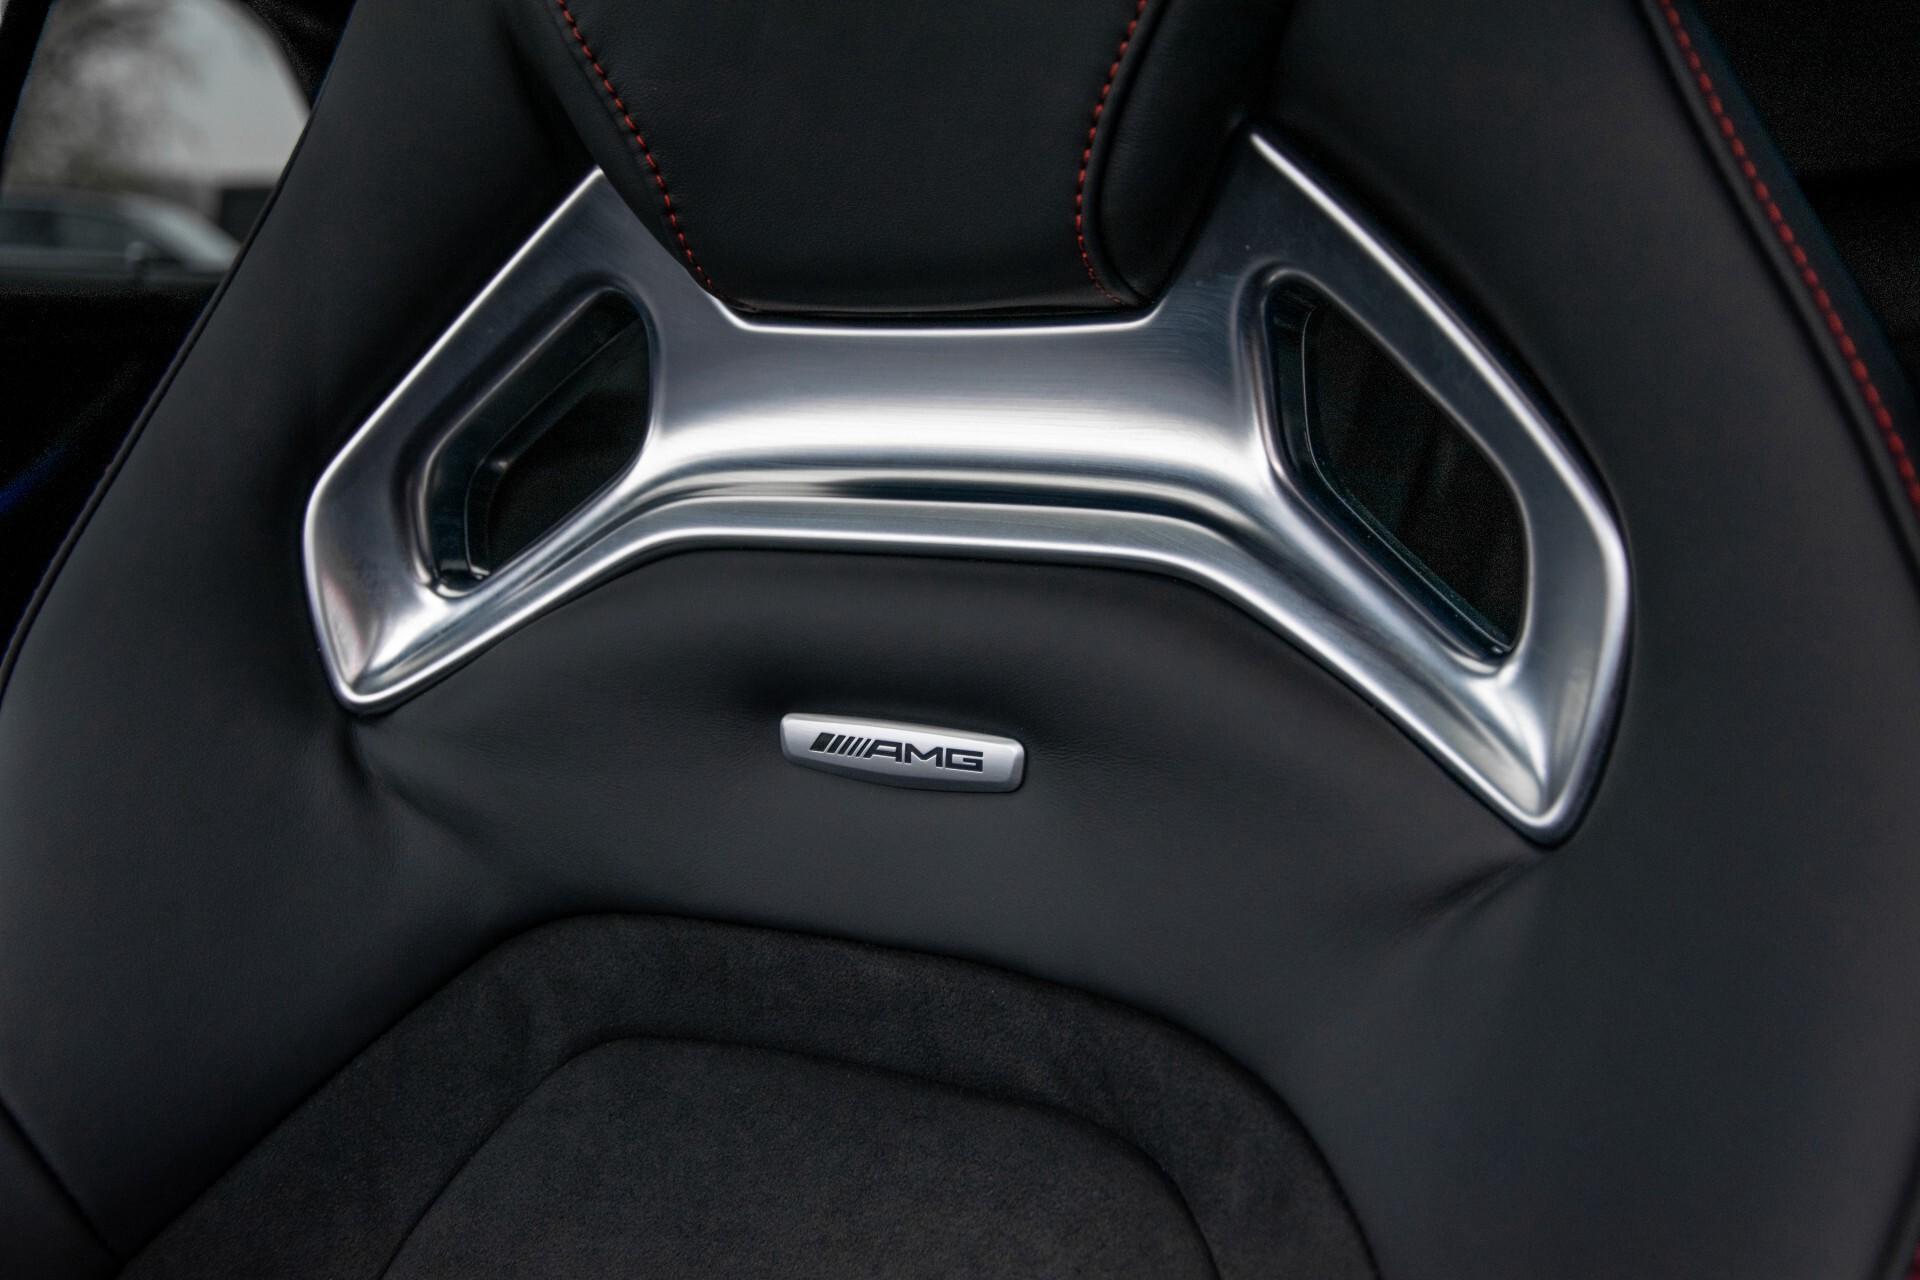 Mercedes-Benz AMG GT 4-Door Coupe 63 S 4M+ Keramisch/Full Carbon/Aerodynamica/Burmester 3D/TV/Performance stoelen/Standkachel Aut9 Foto 40